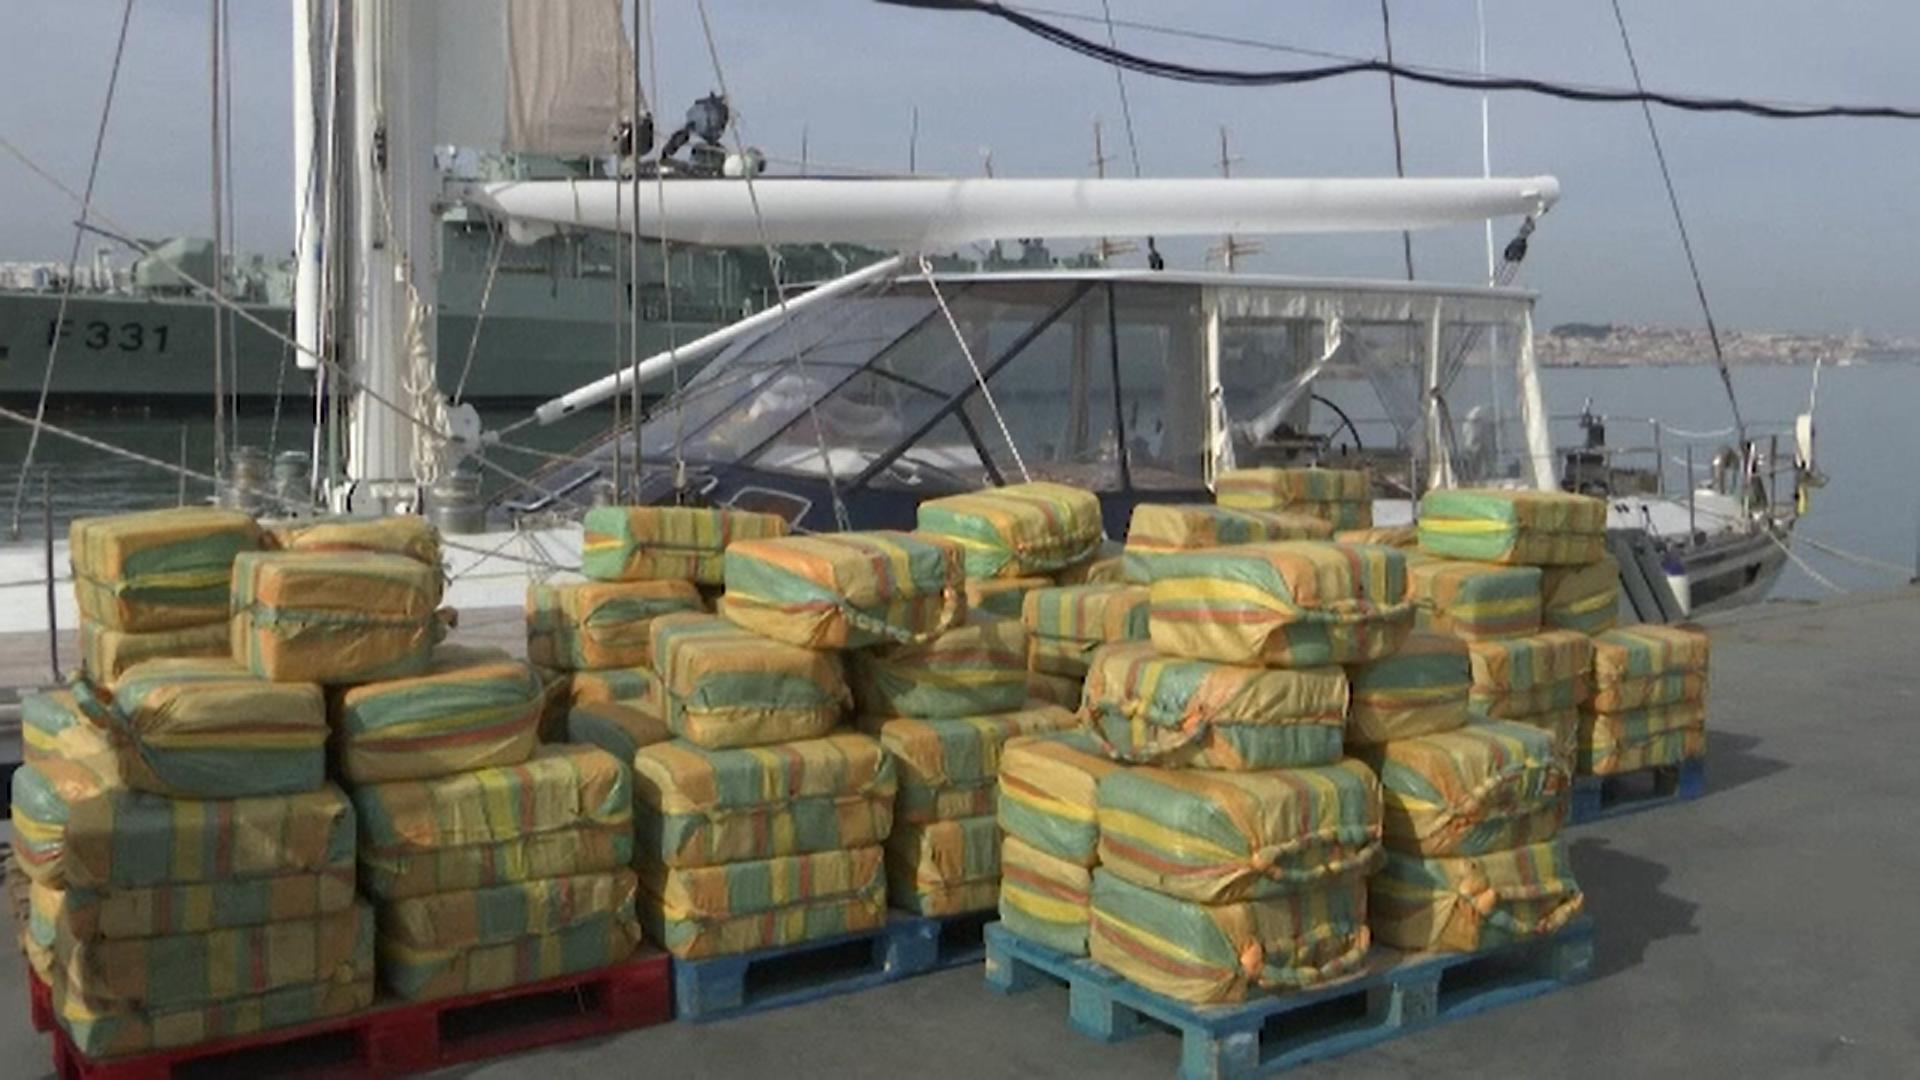 Peste cinci tone de cocaină au fost găsite pe un iaht în largul coastelor portugheze